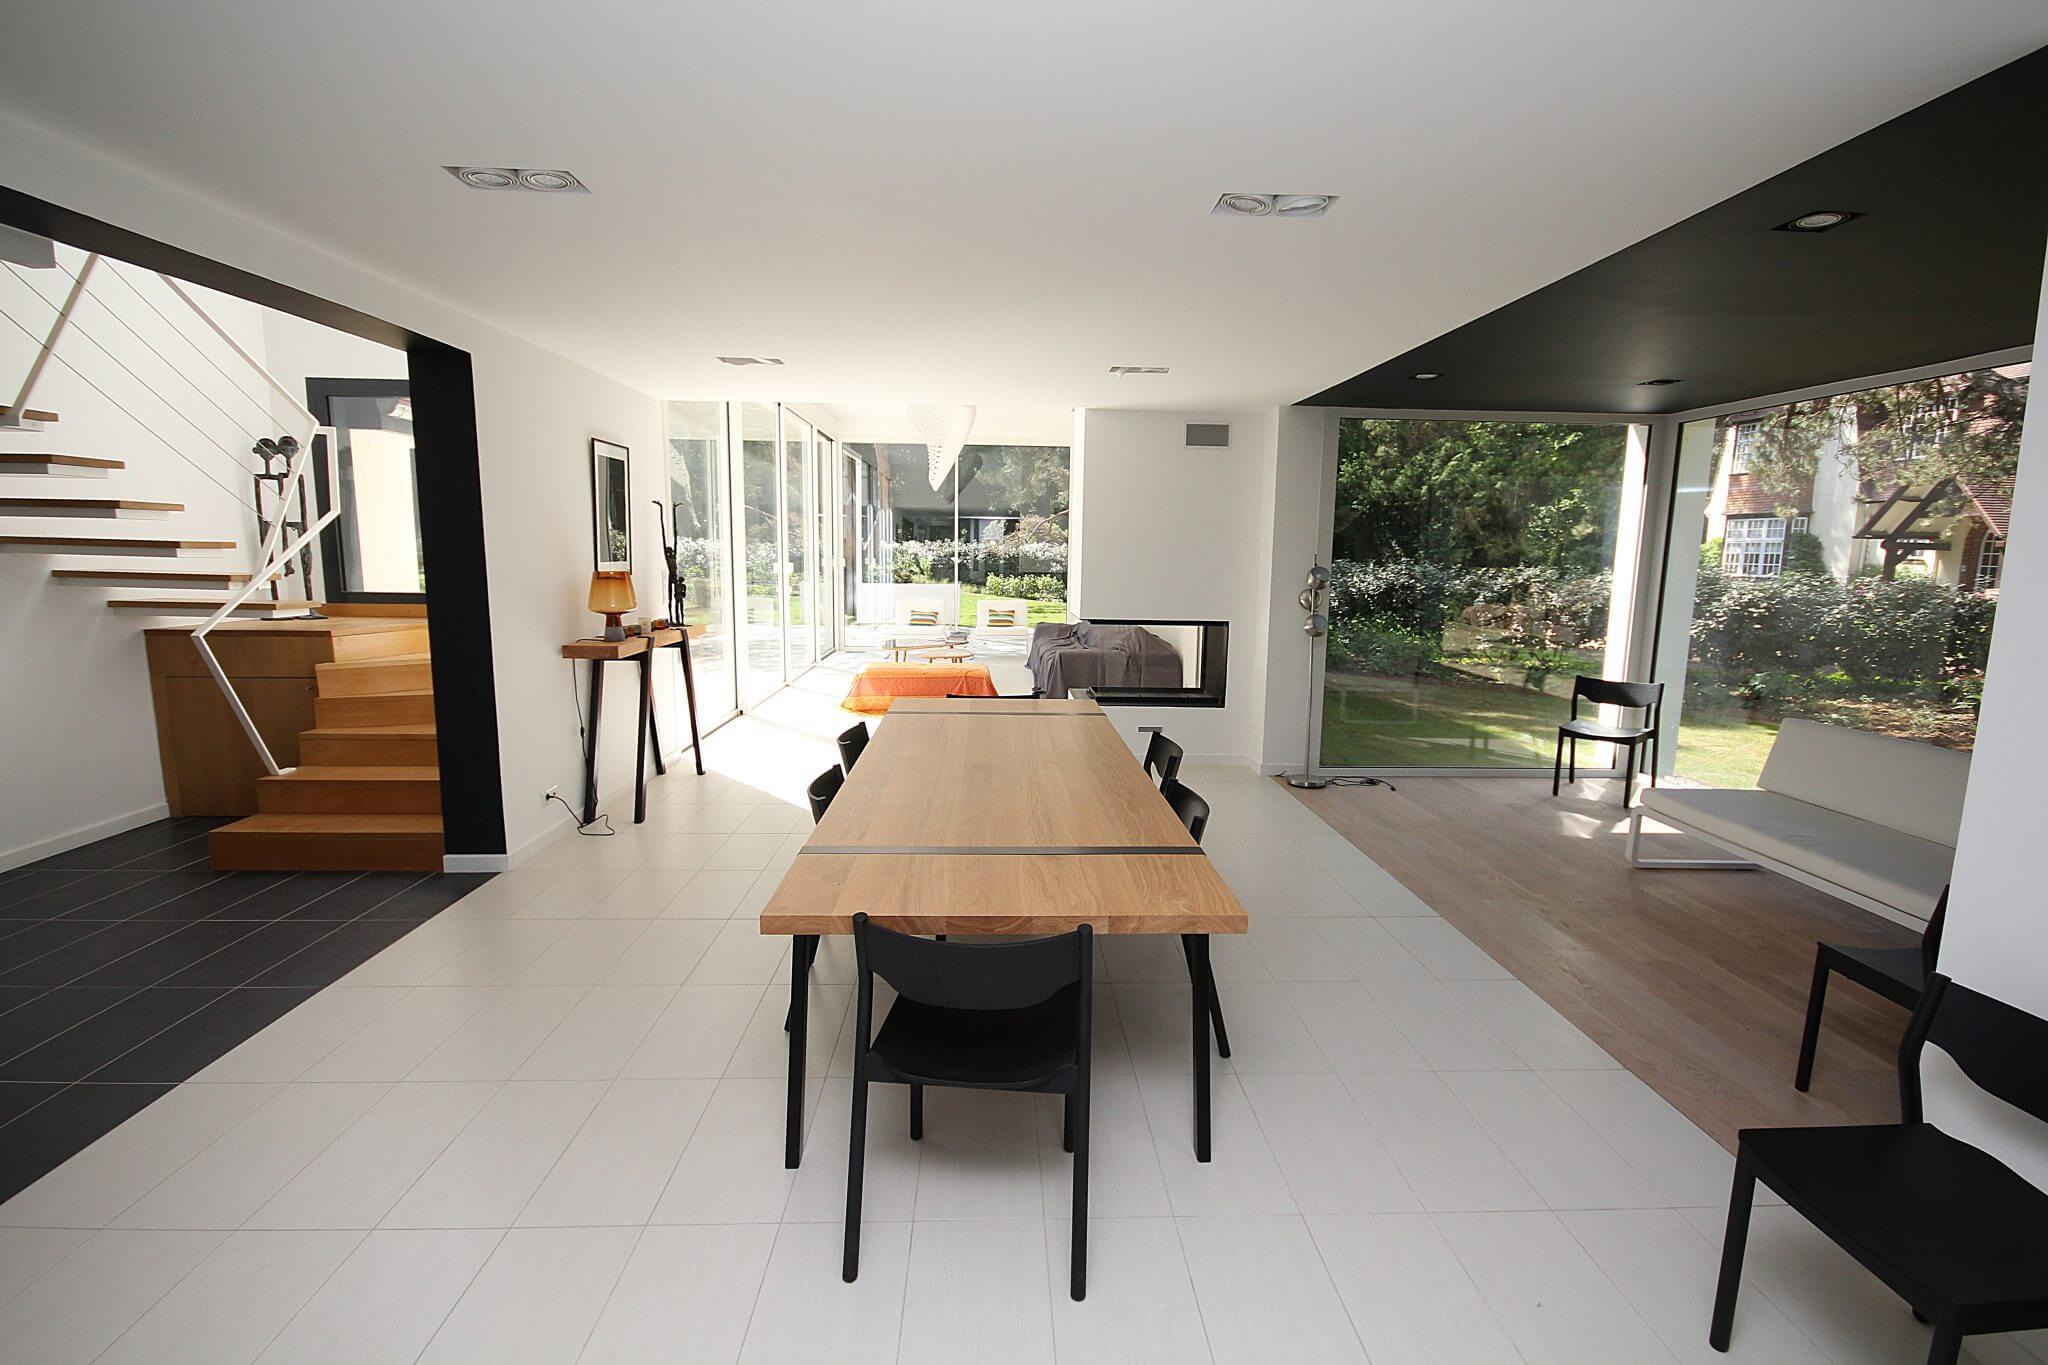 Chiều cao trần nhà tỷ lệ thuận với kinh phí xây dựng, do đó bạn cần cân nhắc thật kỹ chi tiết này cho phù hợp điều kiện kinh tế bản thân và gia đình